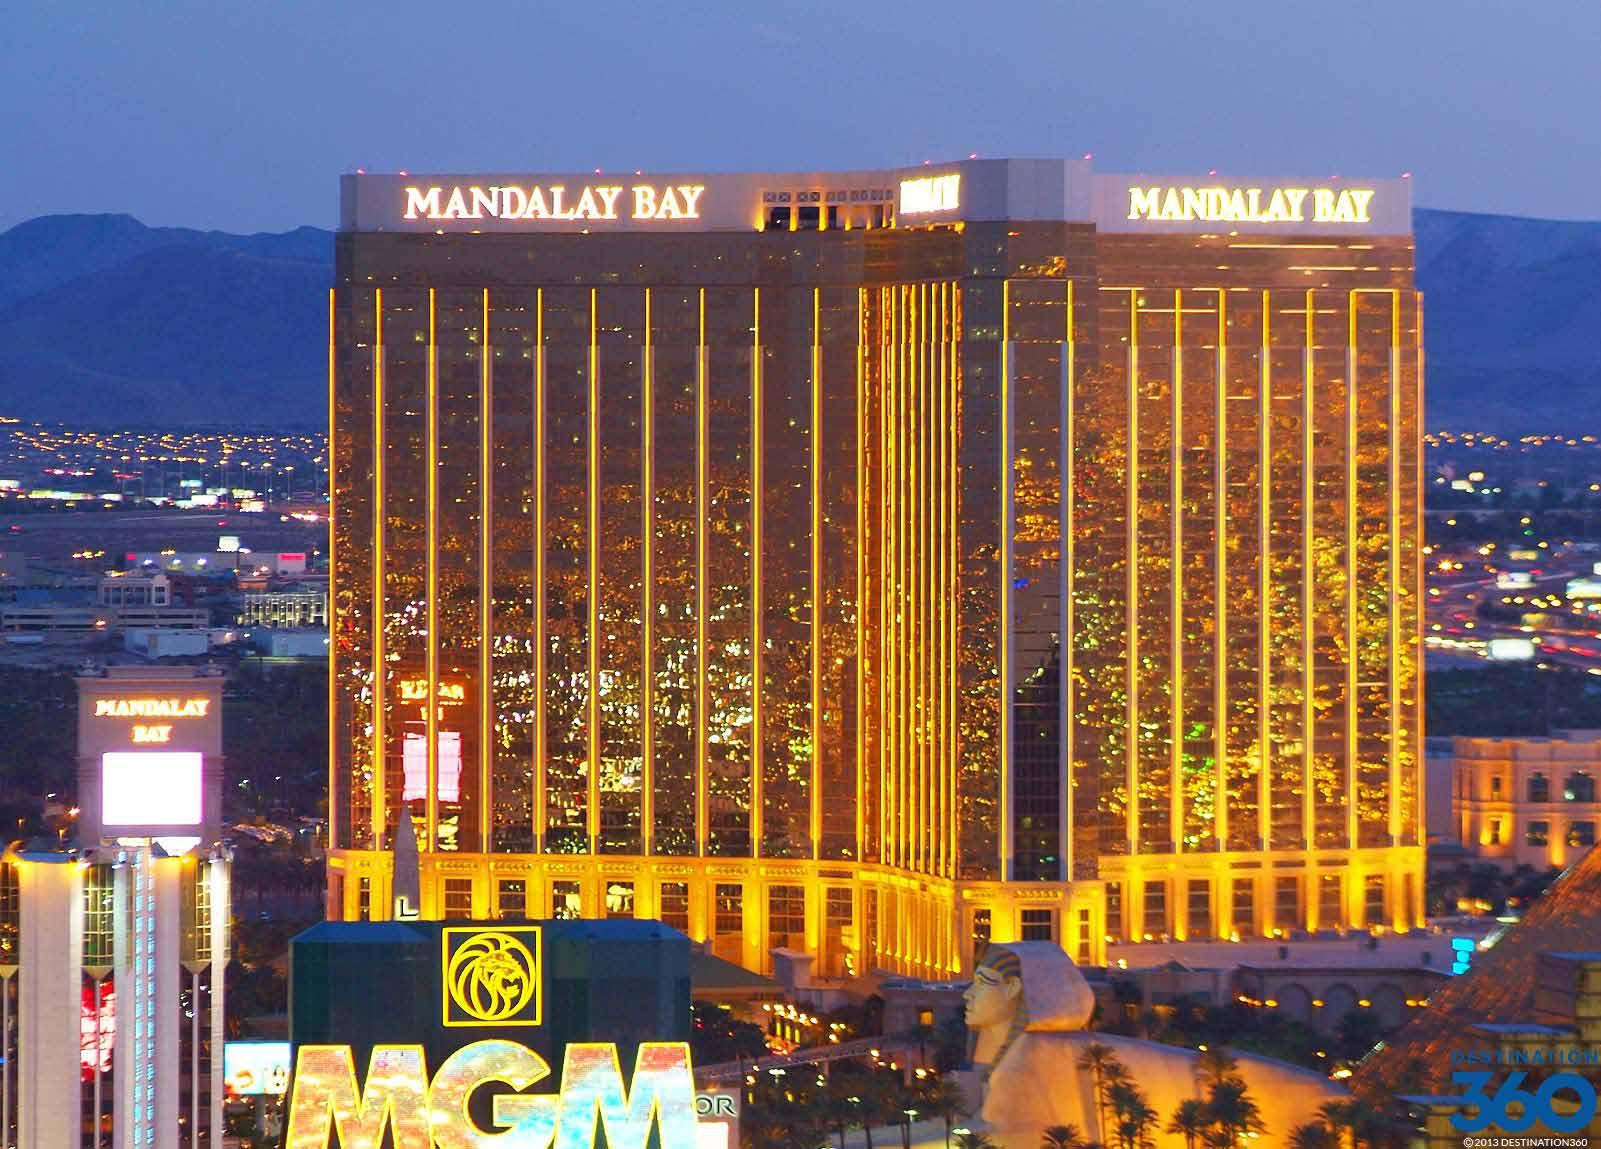 Mandaly bay hotel and casino barona casino